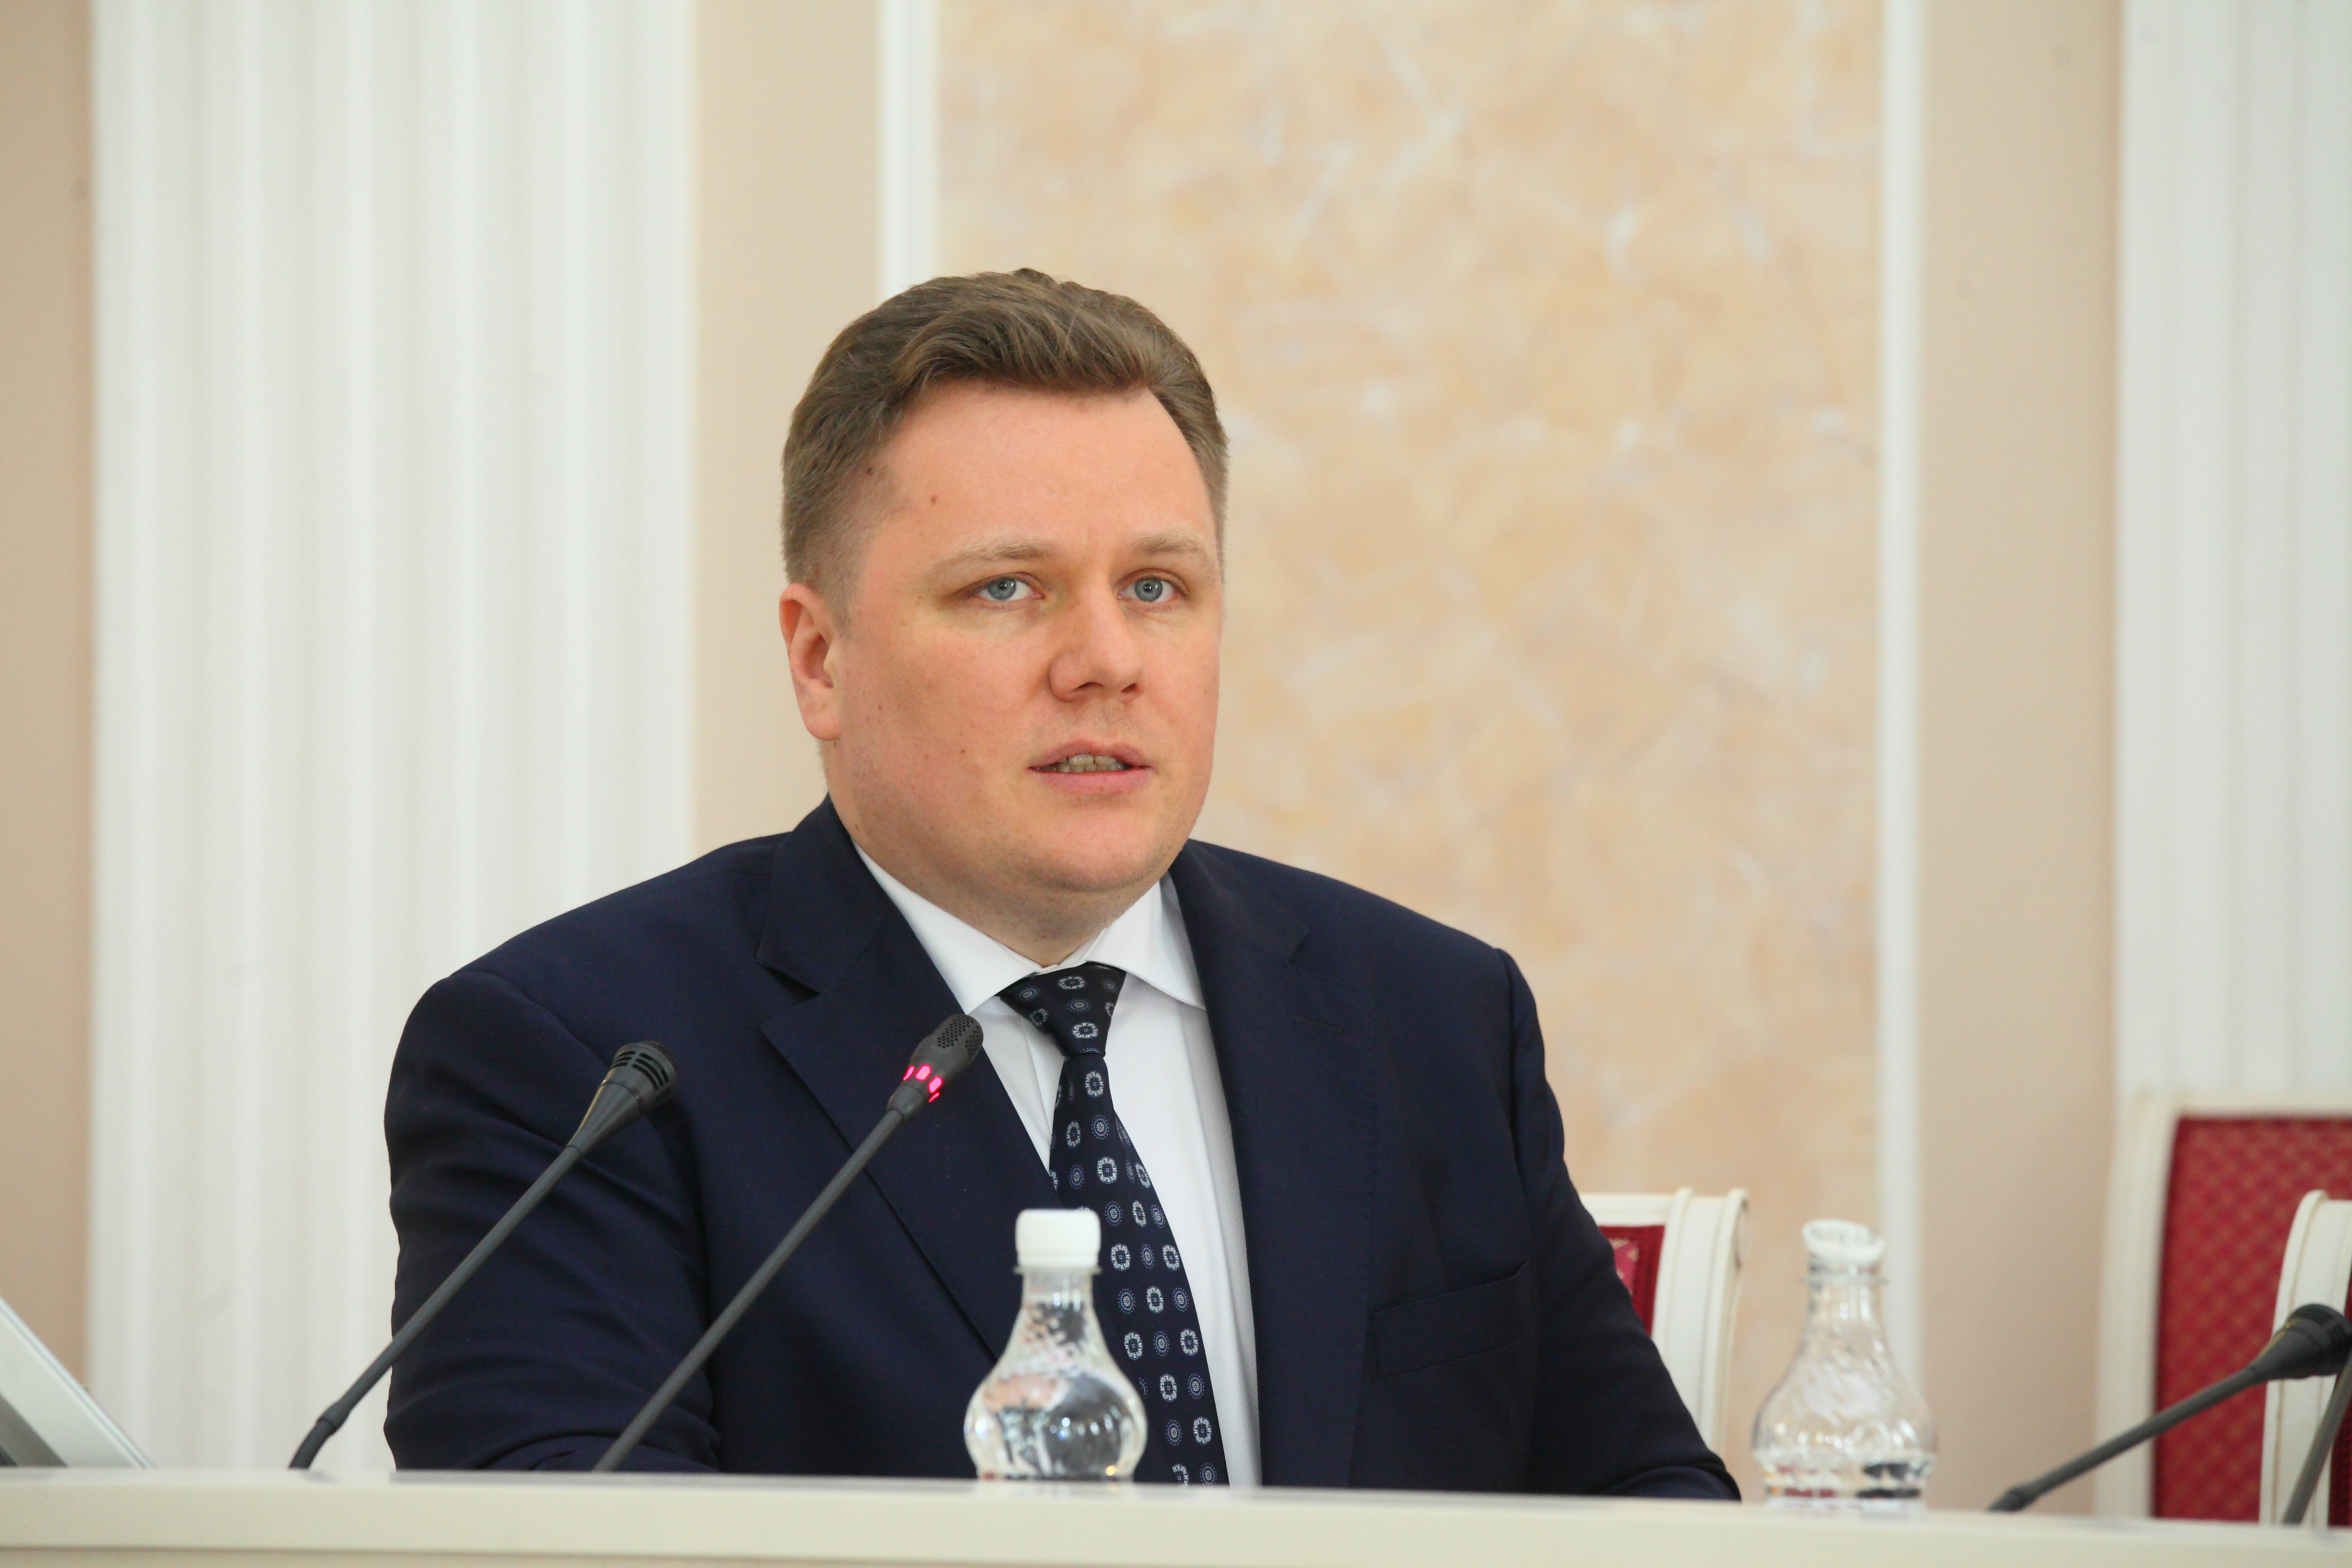 Алексей Чадаев: Государству надо поменять операционную систему